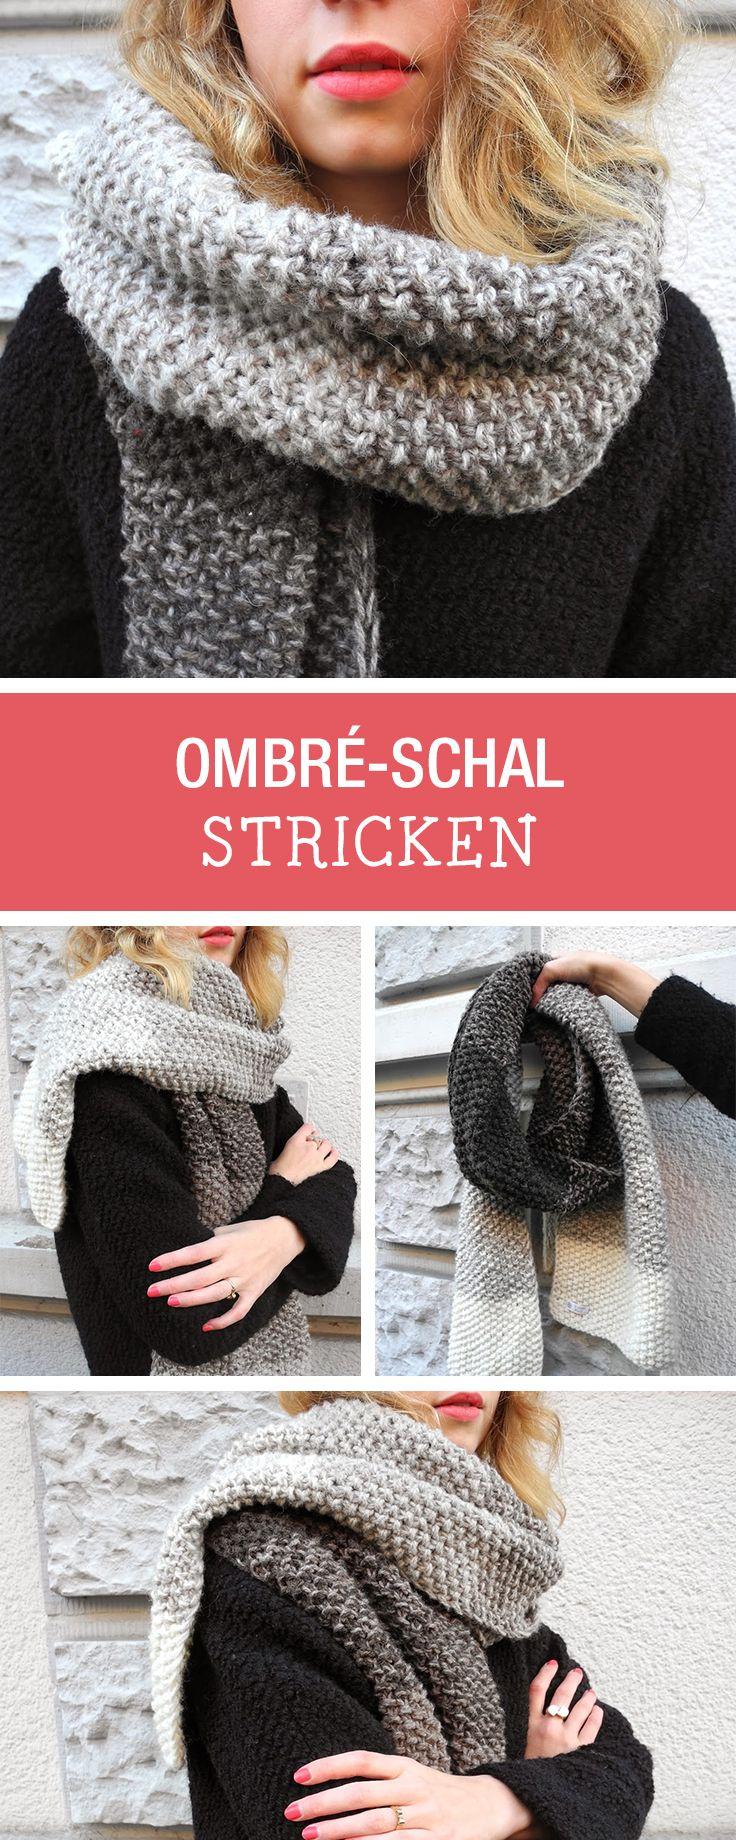 Strickanleitung für einen kuscheligen Schal, Mode stricken / knitting tutorial for an ombre scarf via http://DaWanda.com